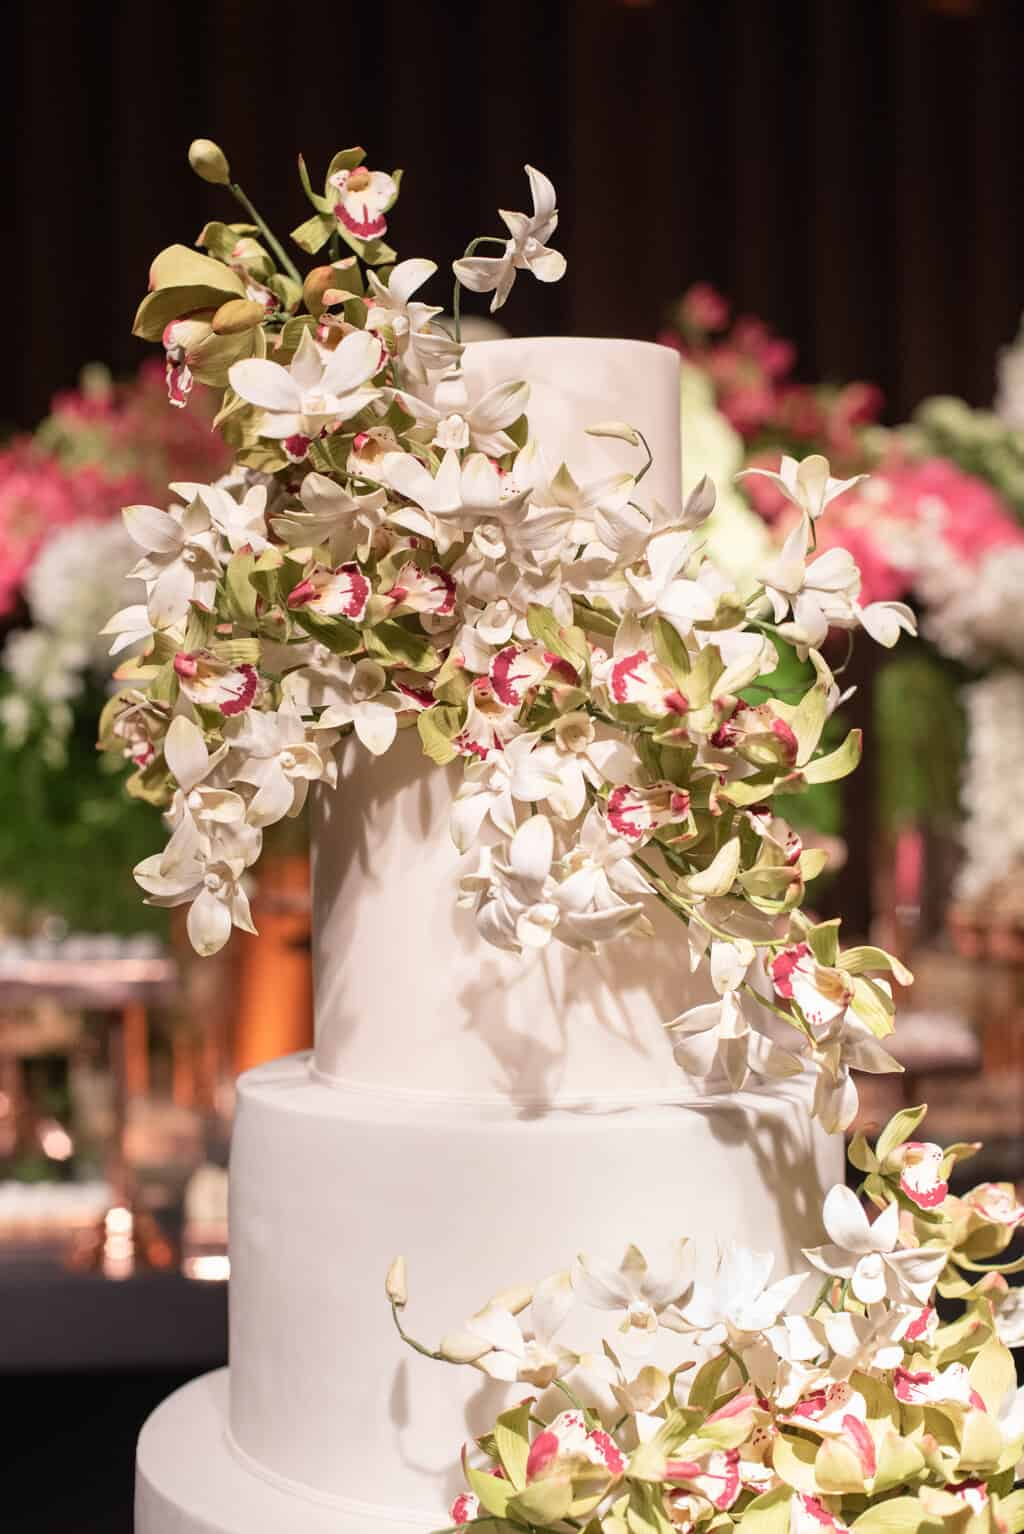 bolo-de-casamento-casamento-Karynna-e-Fernando-cerimonial-TCD-Eventos-decoração-Eugenia-Guerrera-Decoração-Melanie-Schmid-fotografia-Marina-Fava19